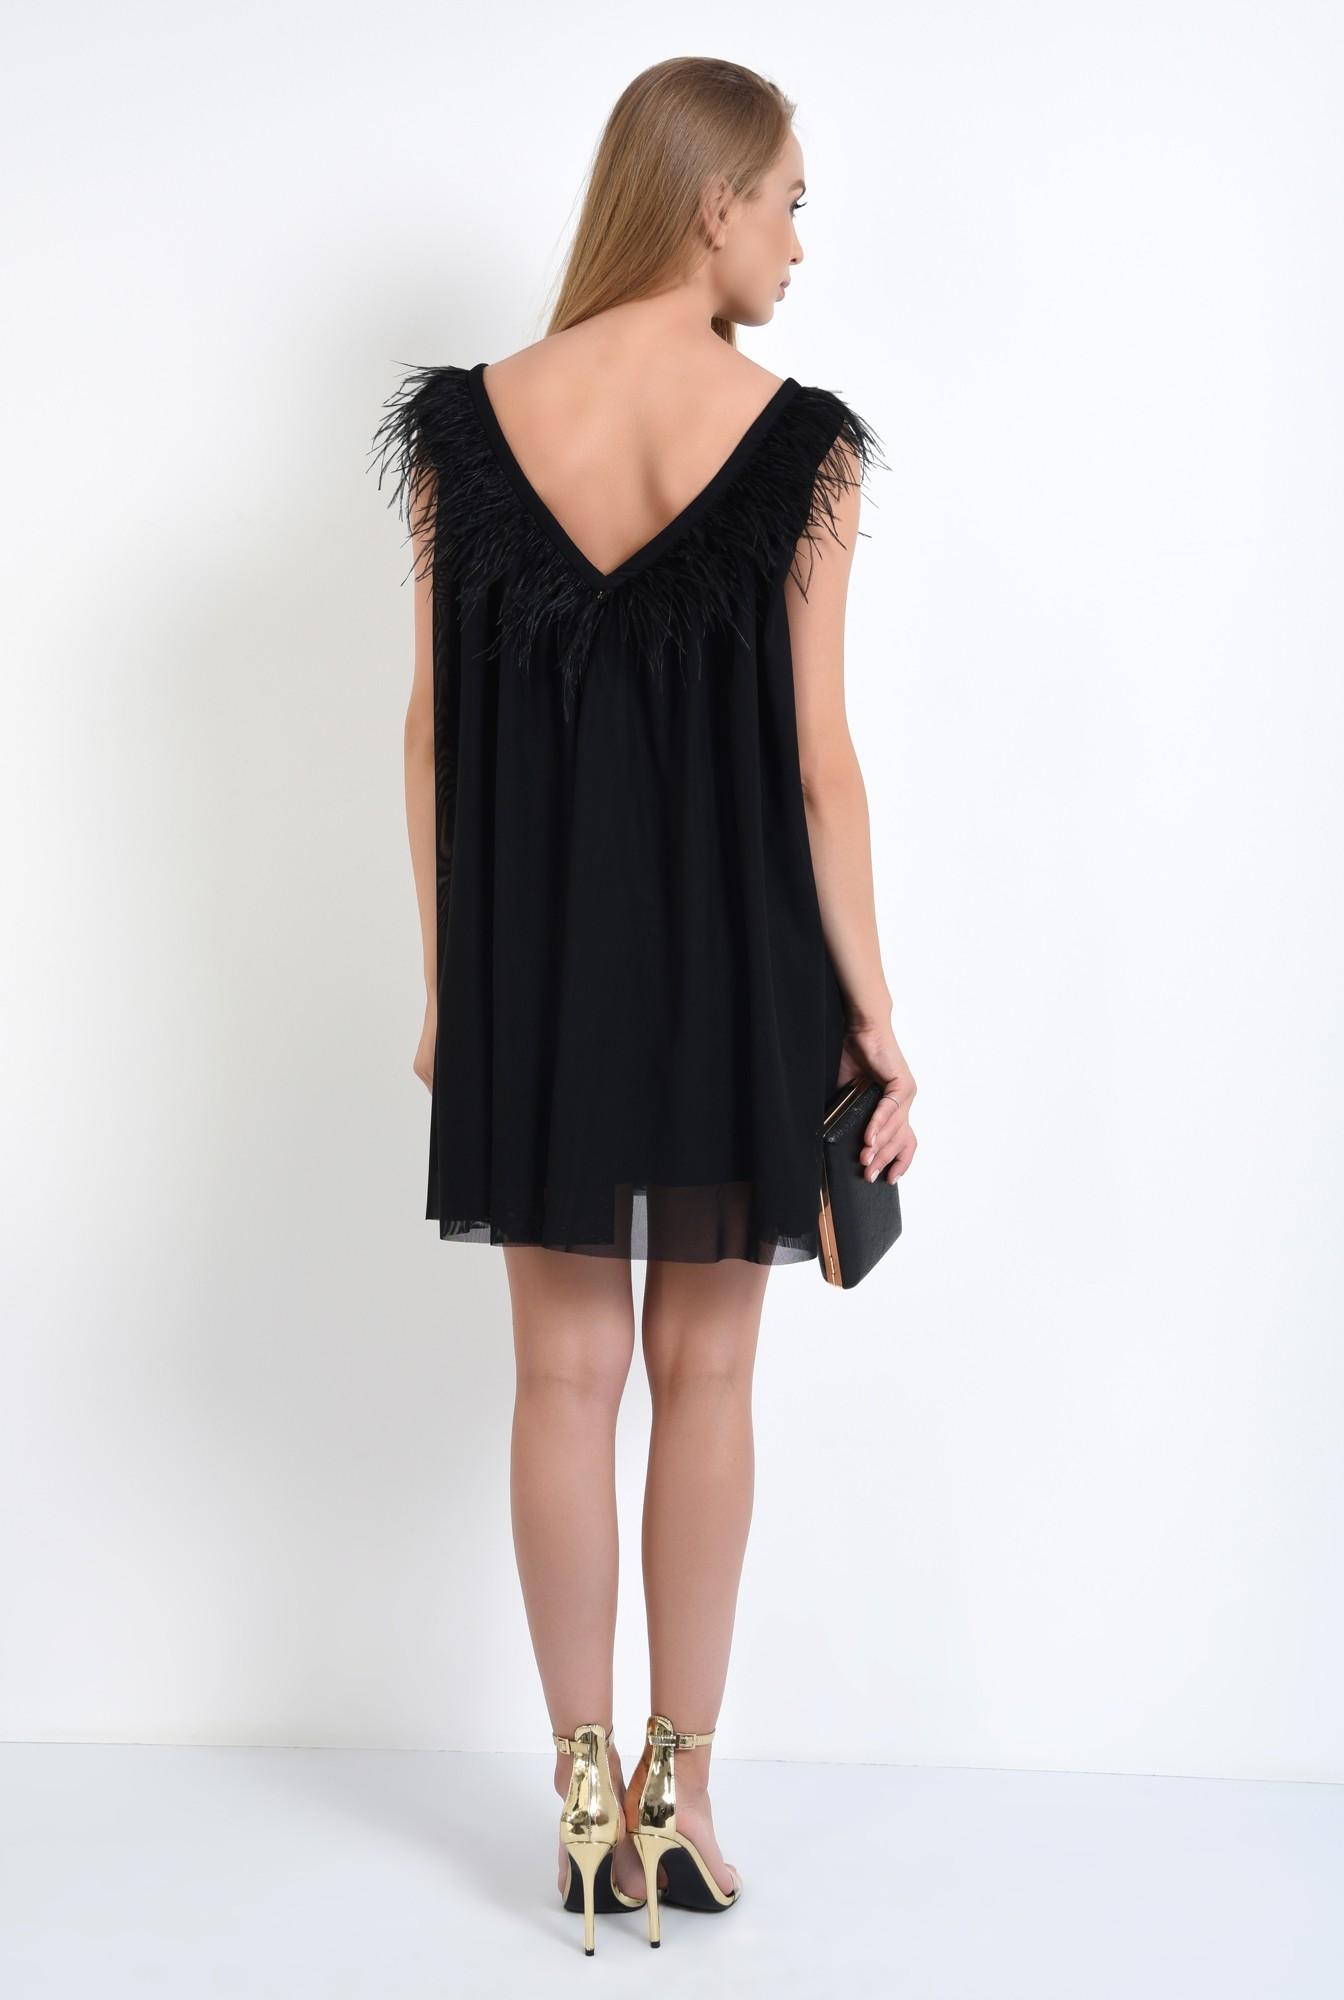 1 - 360 - rochie de seara scurta, tul negru, decolteu cu pene